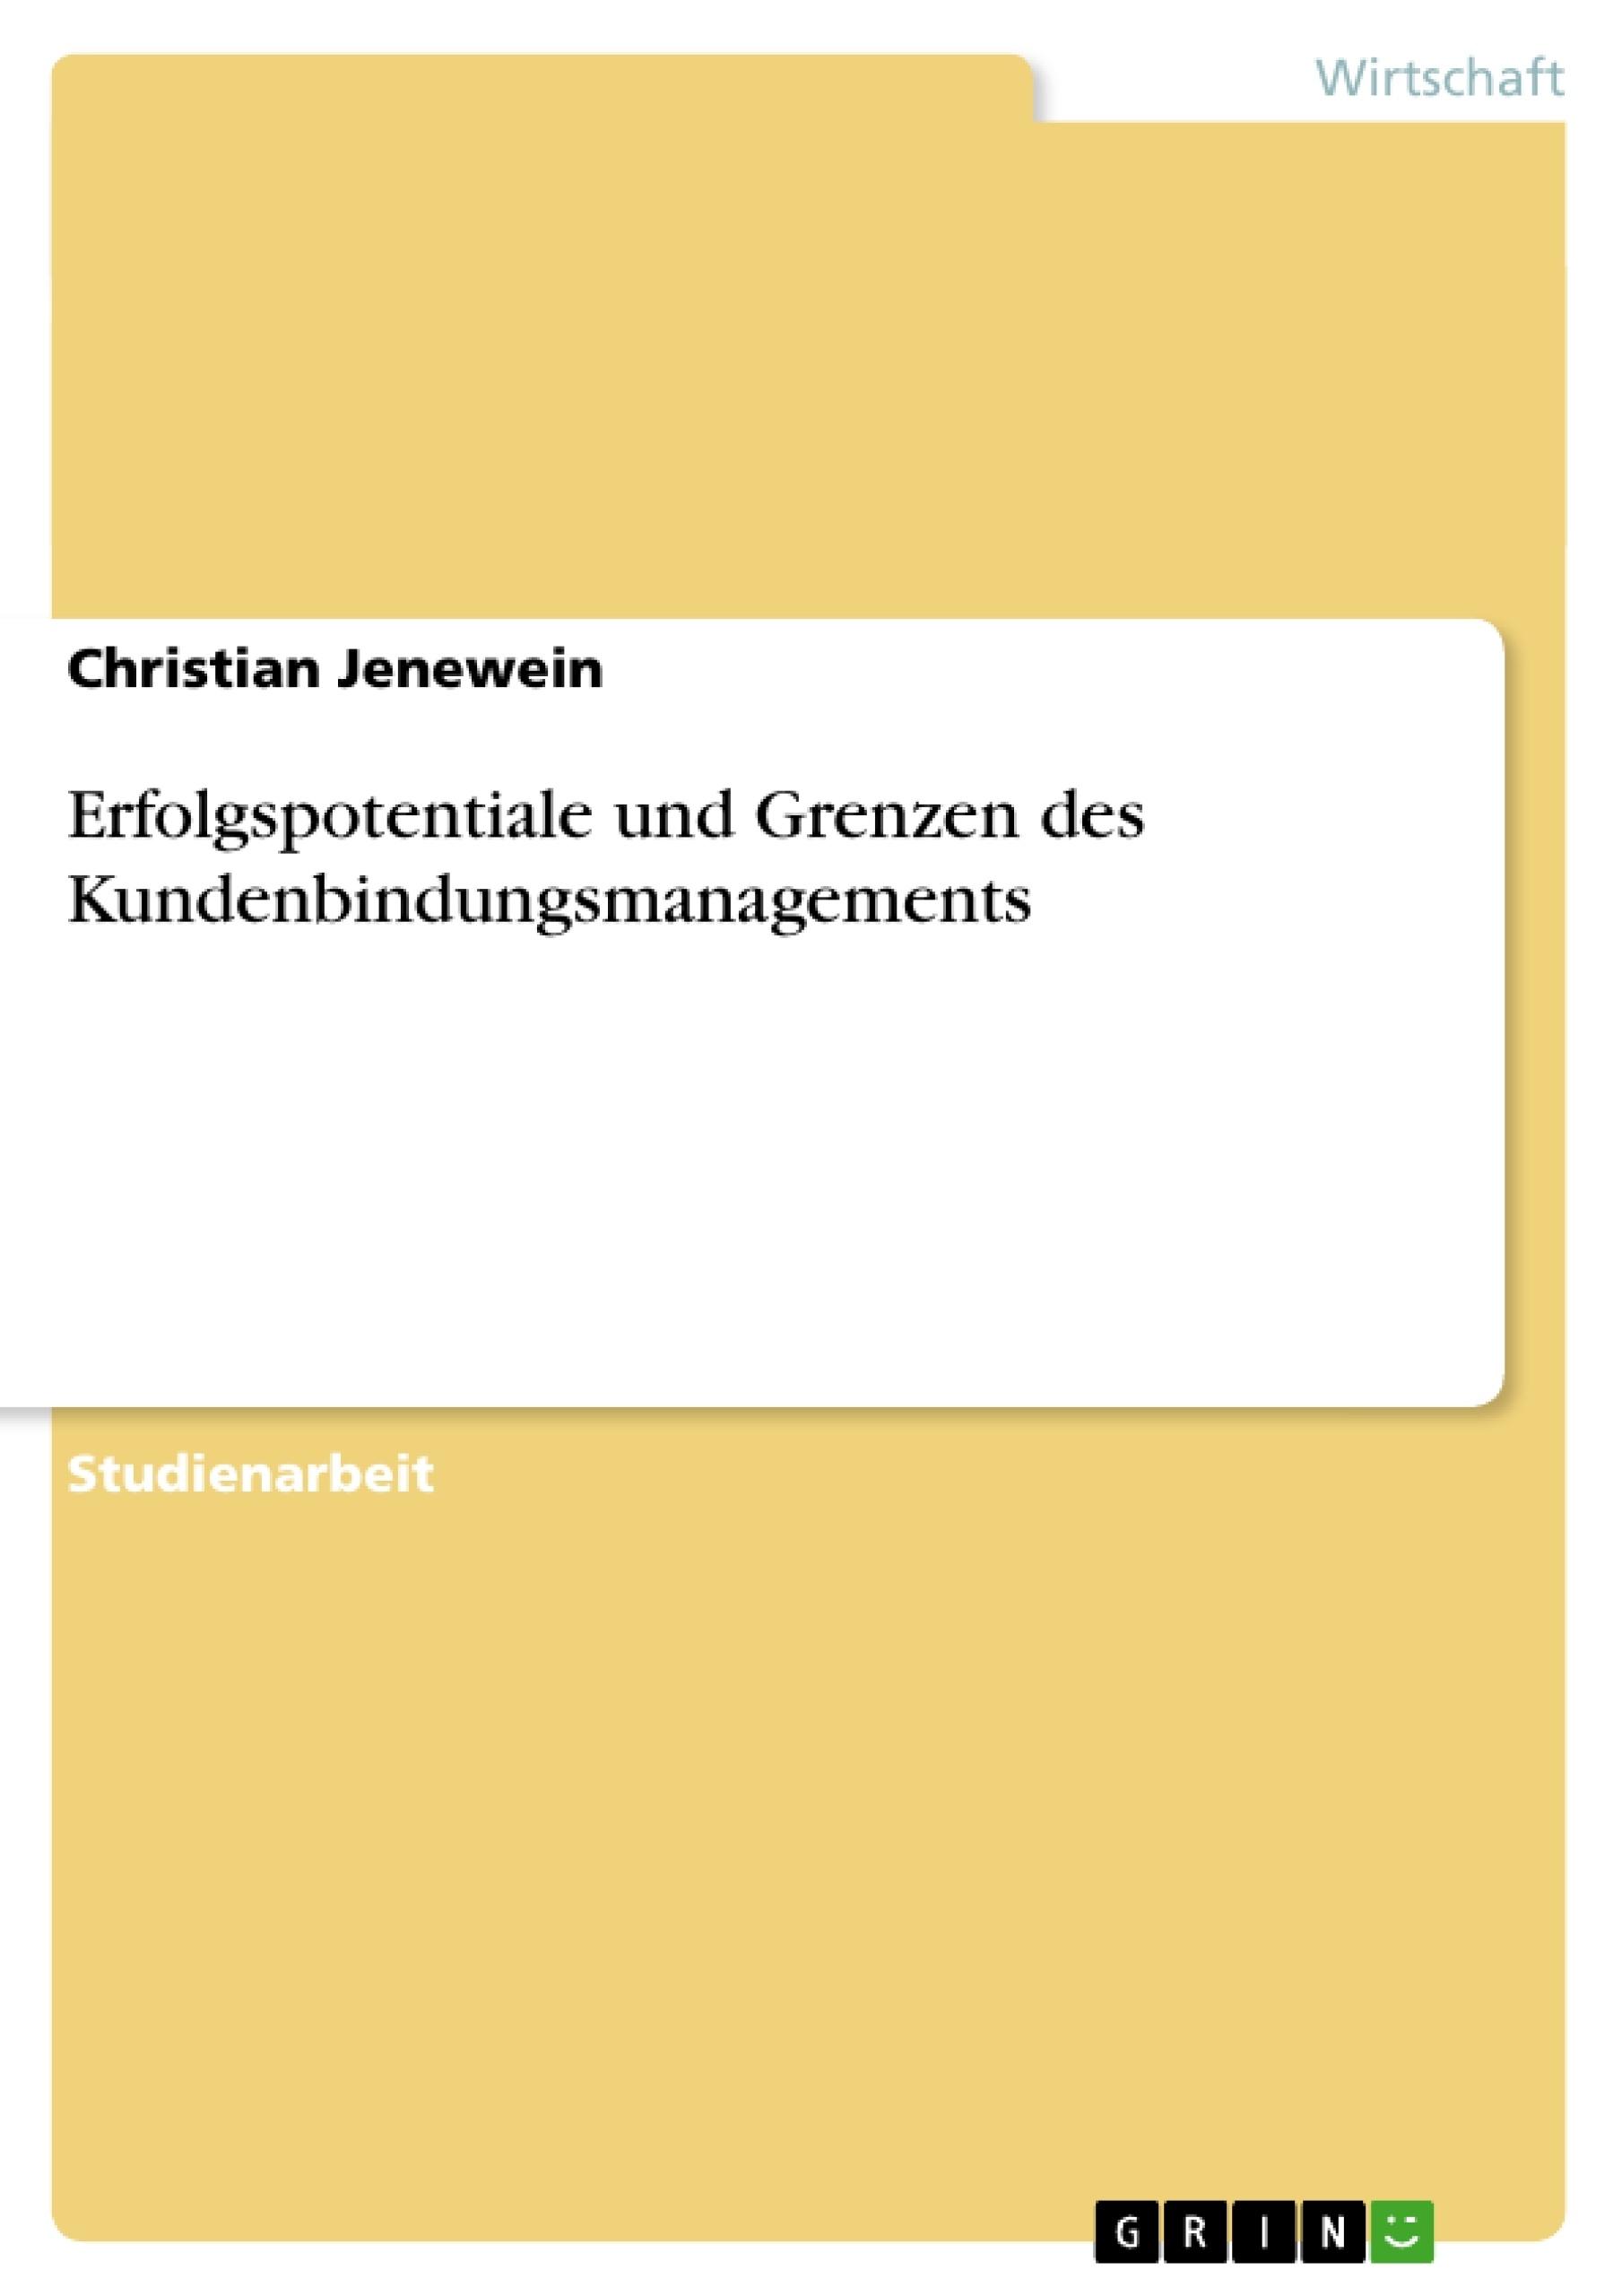 Titel: Erfolgspotentiale und Grenzen des Kundenbindungsmanagements